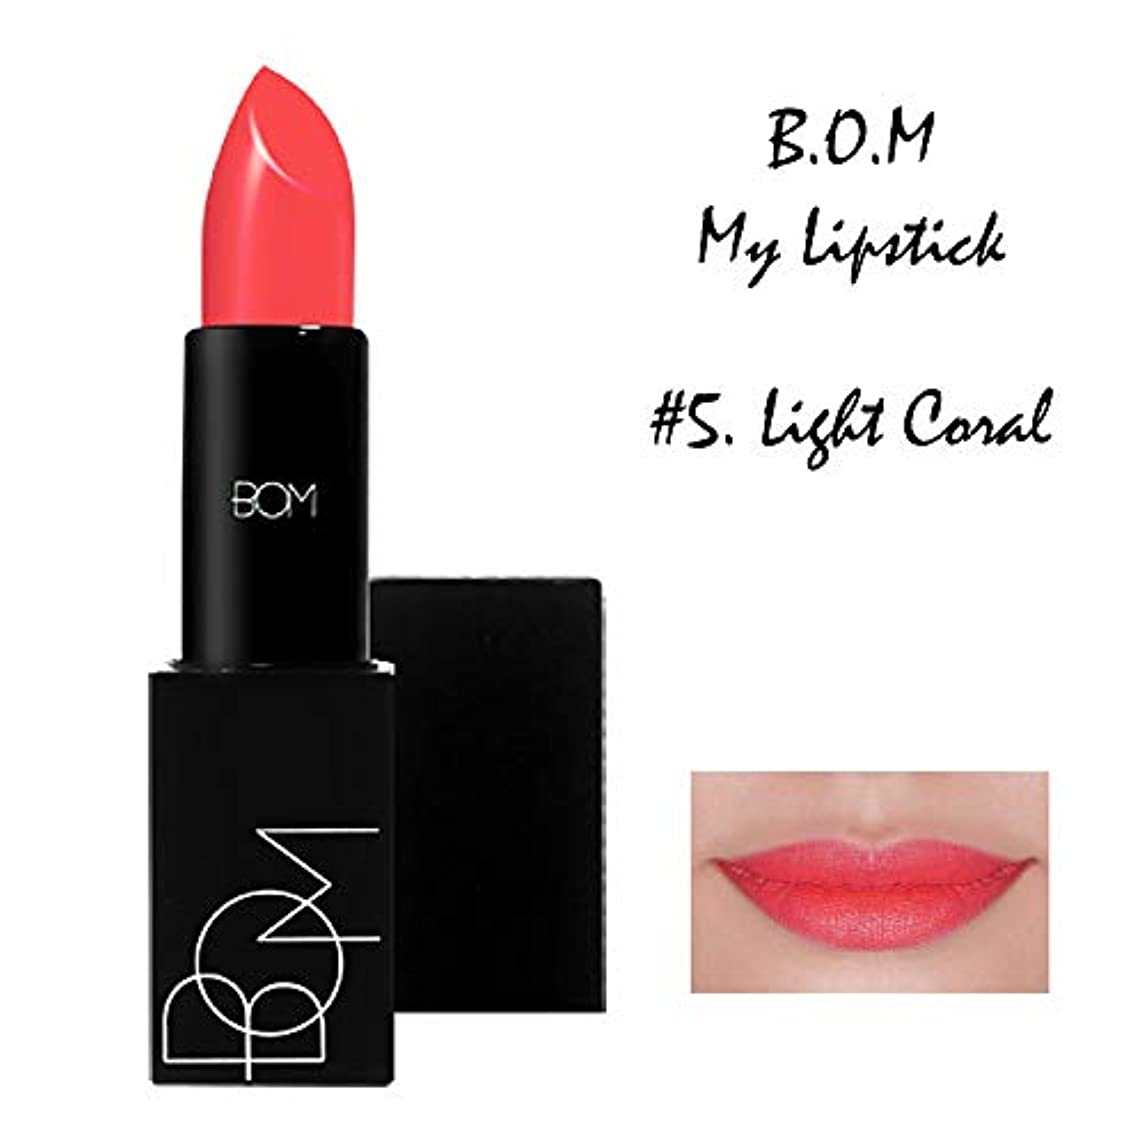 軽食リレー植物学bom 韓国化粧品6色磁気ケース付きマットリップスティック #805。ライトコーラル